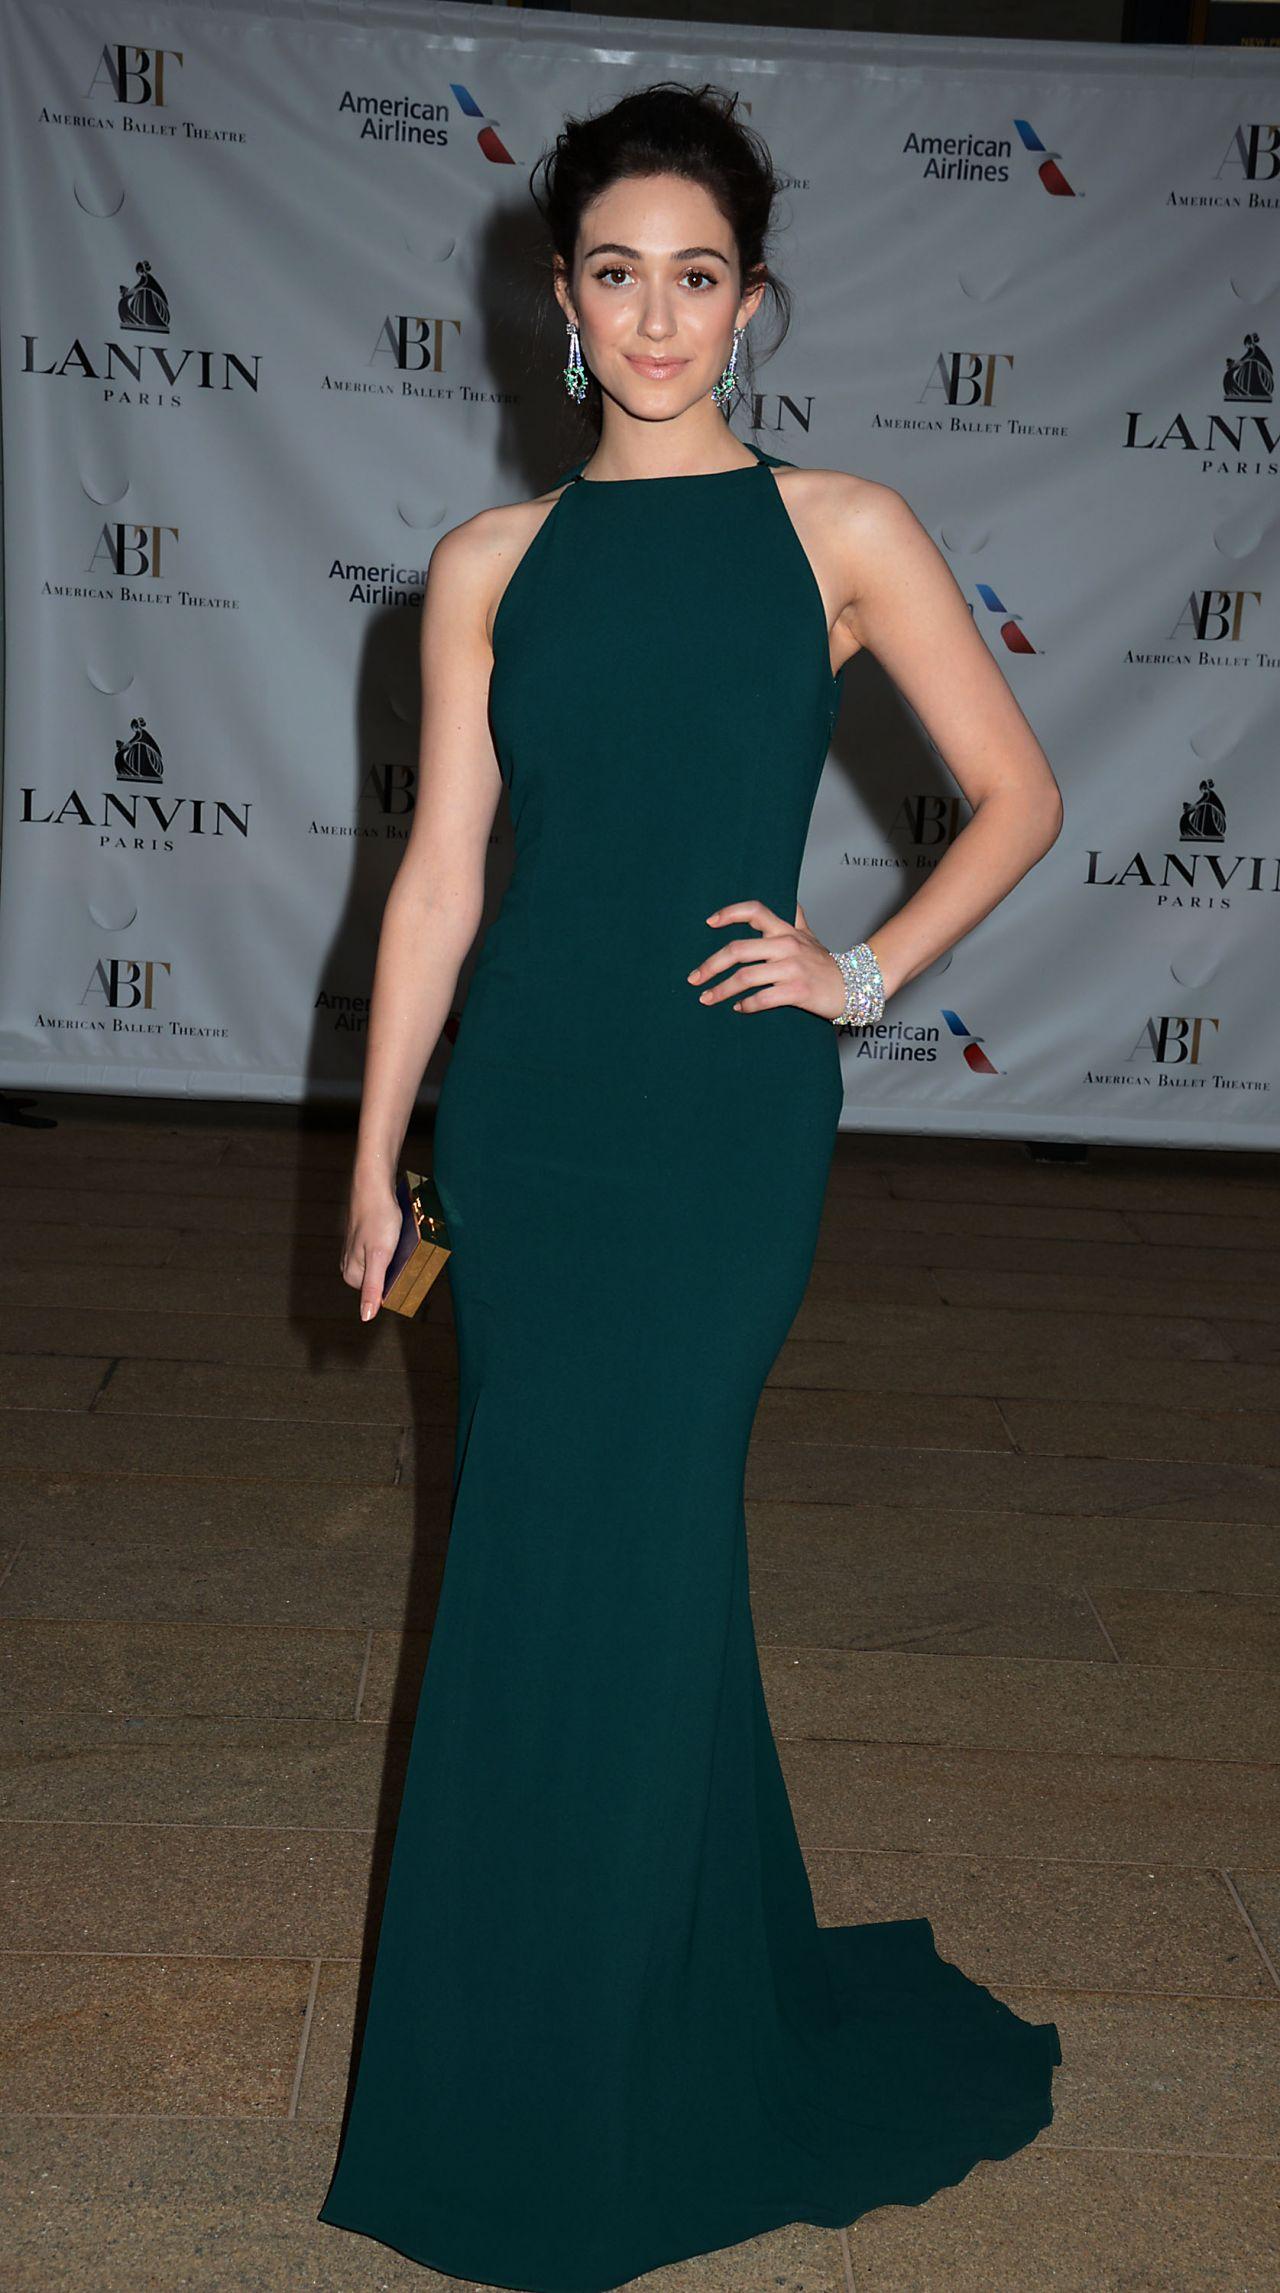 Lanvin ballet celebrity